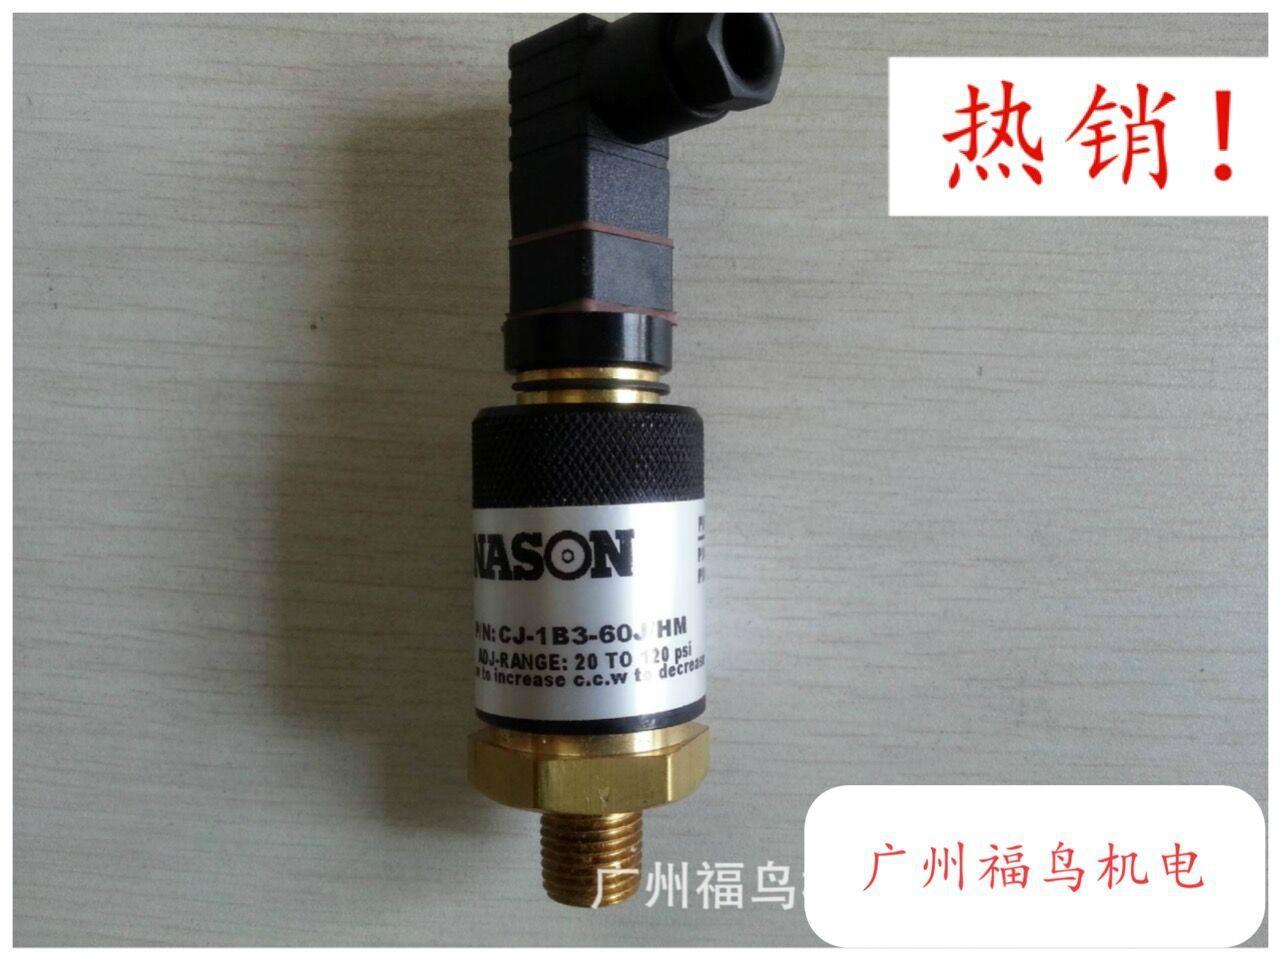 NASON压力开关, 型号: CJ-1B3-60J/HM